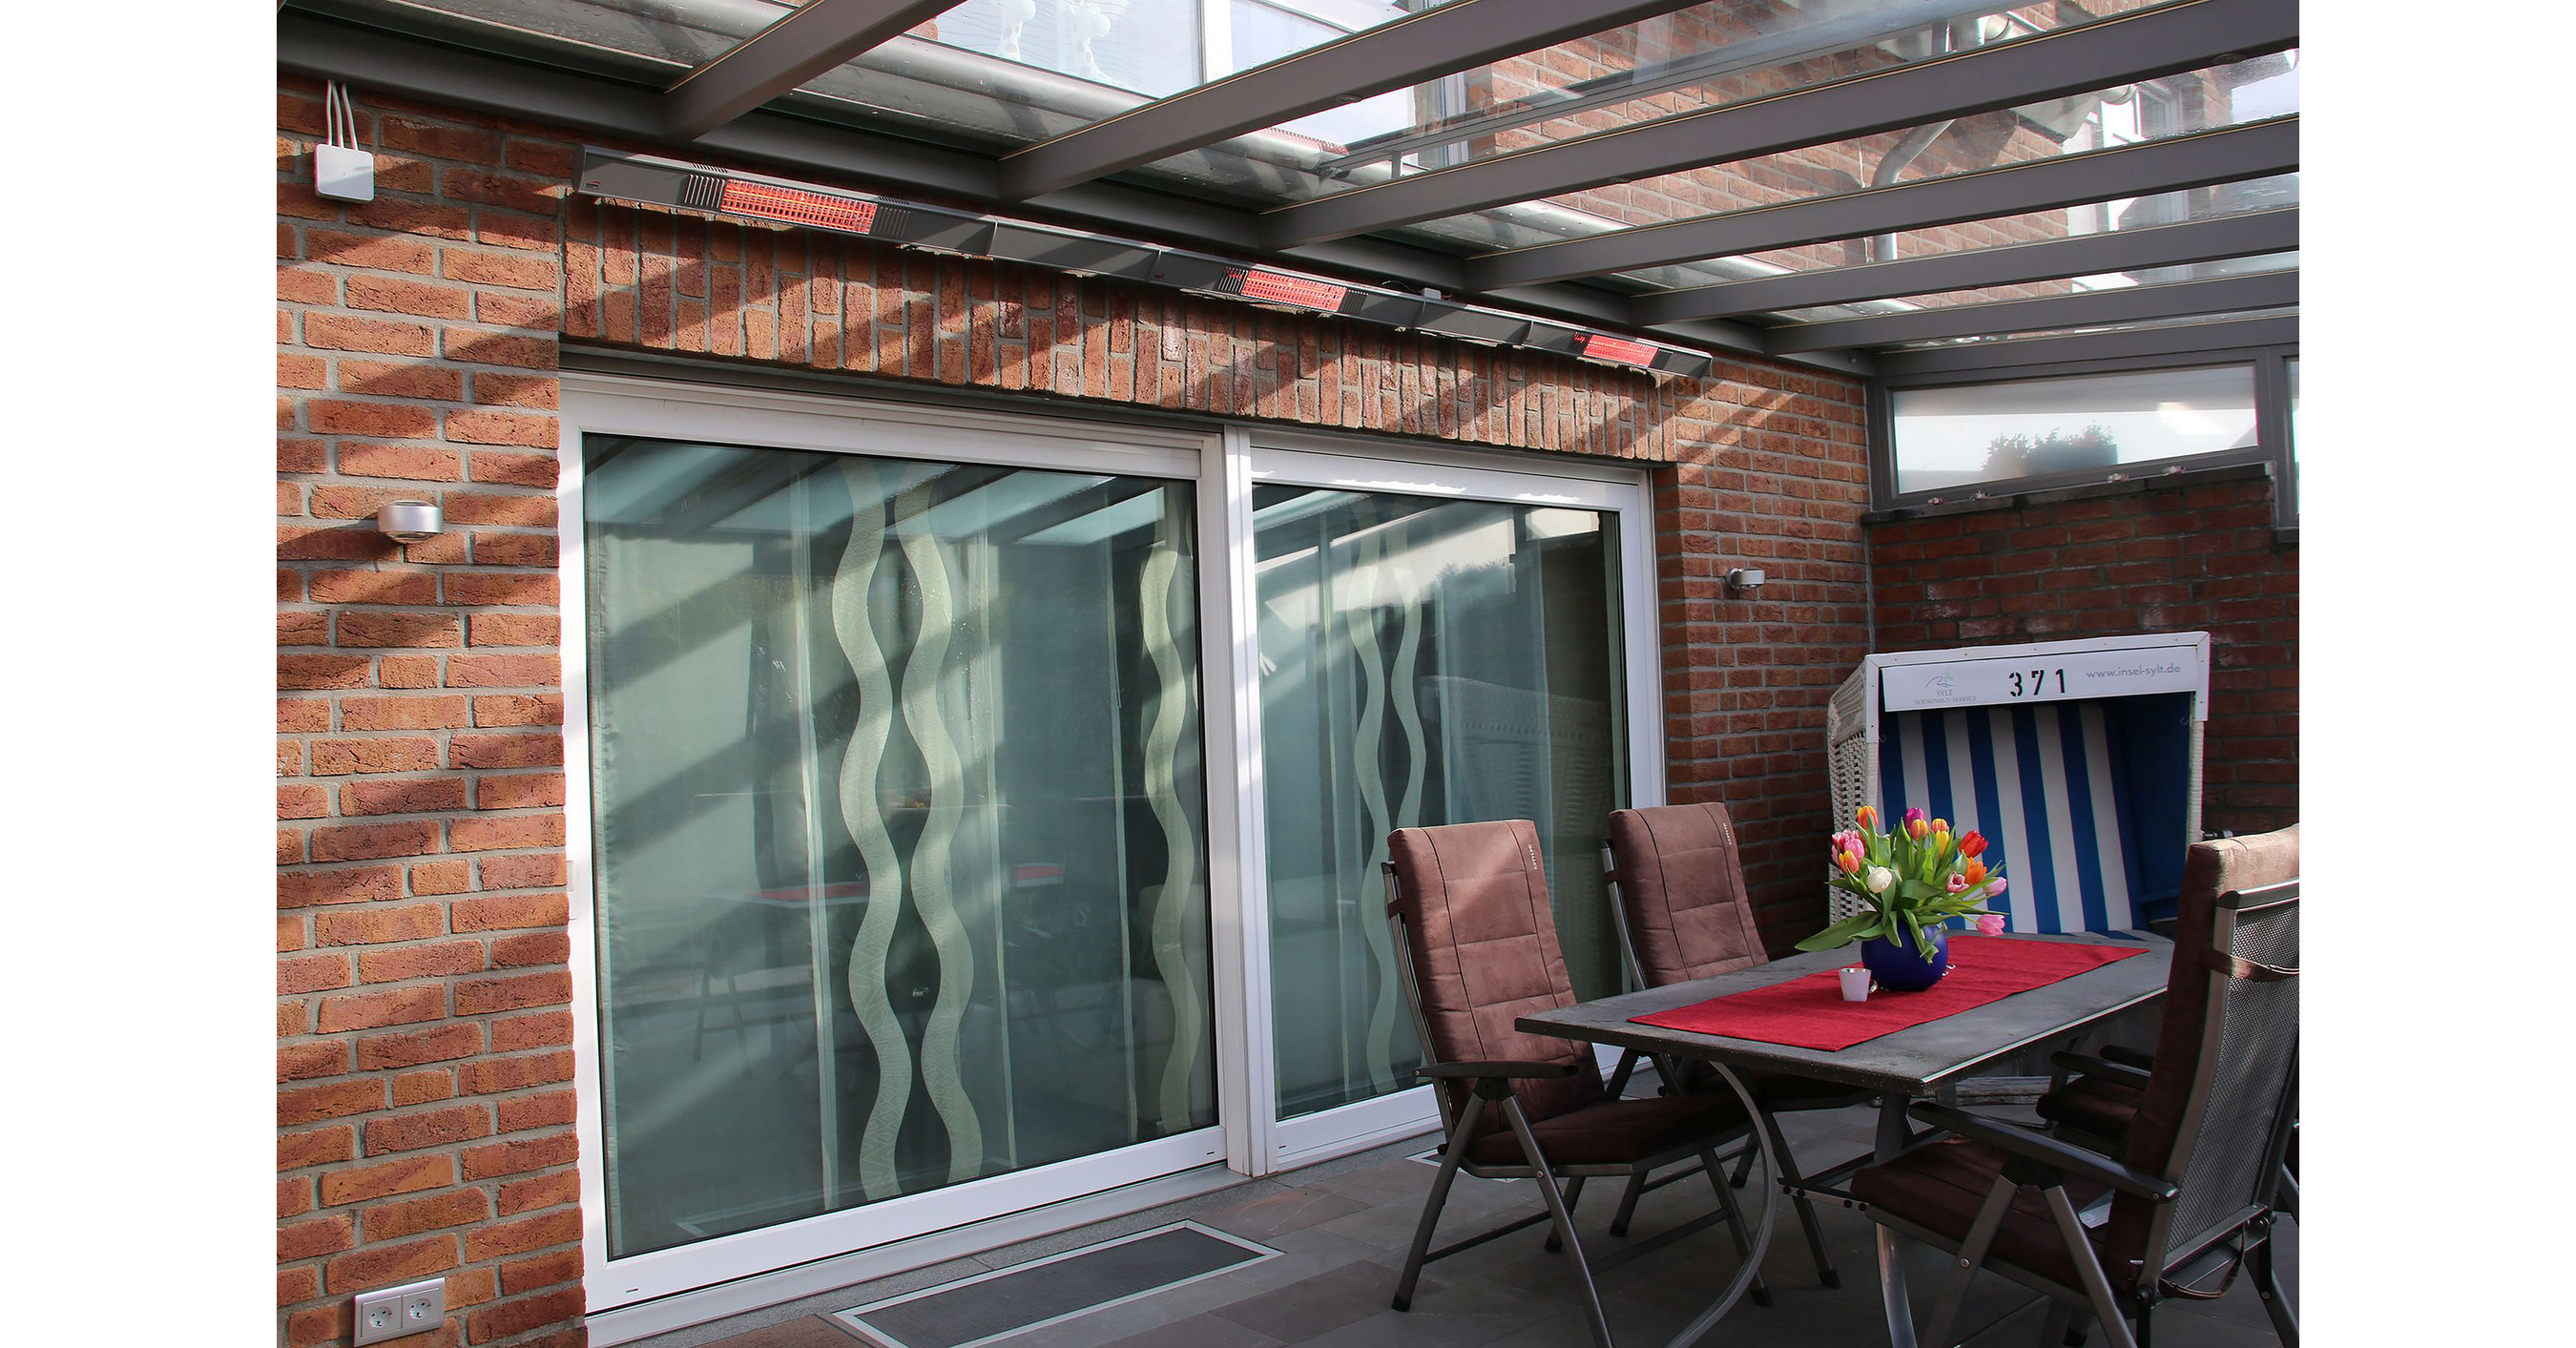 nouveau concept de chauffage pour terrasse prim de burda pour les zones ext rieures. Black Bedroom Furniture Sets. Home Design Ideas